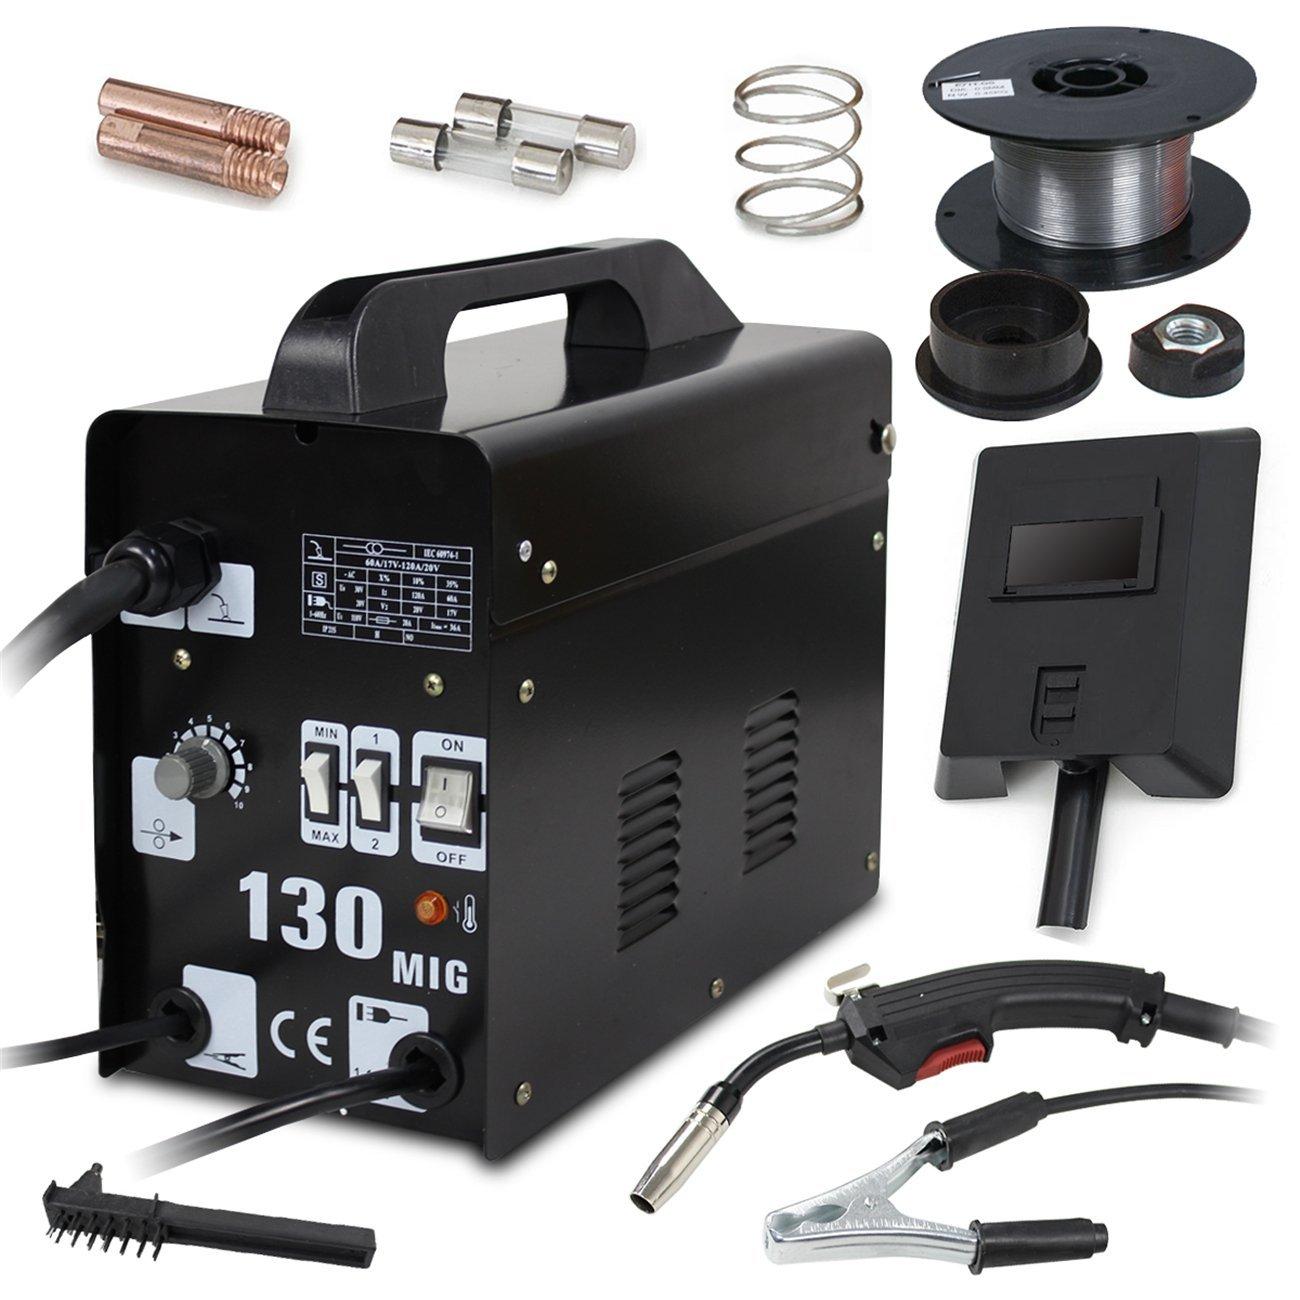 F2C Mig130 Gas-less Flux Core Welder Welding with Spool Wire&fan Machine